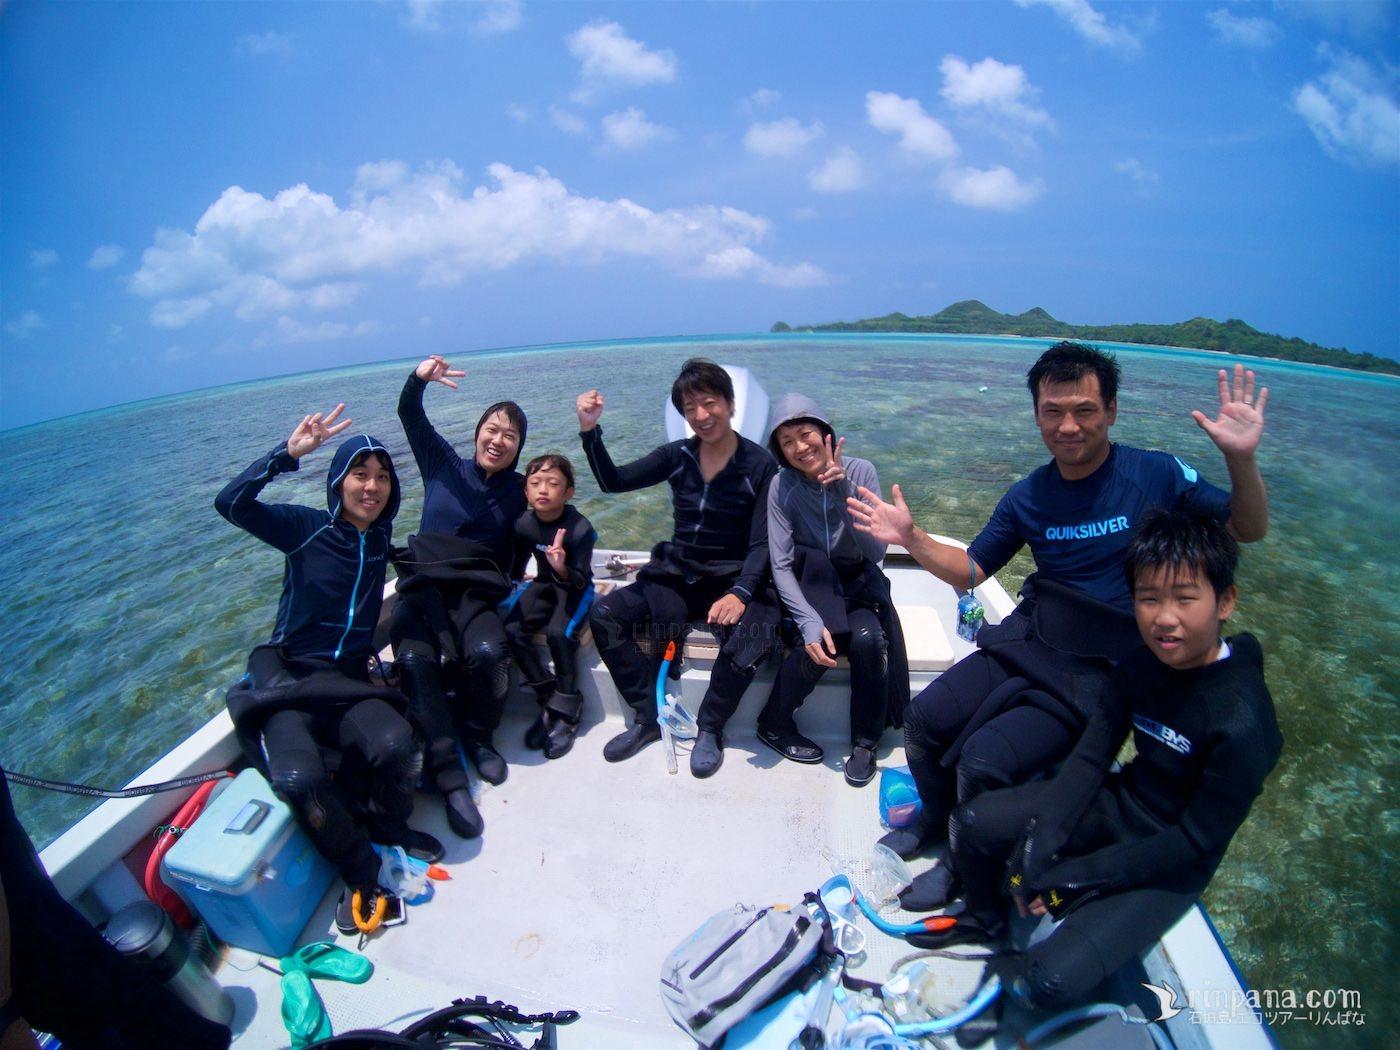 「マンタが訪れる、命豊かな海」を満喫!マンタツアー